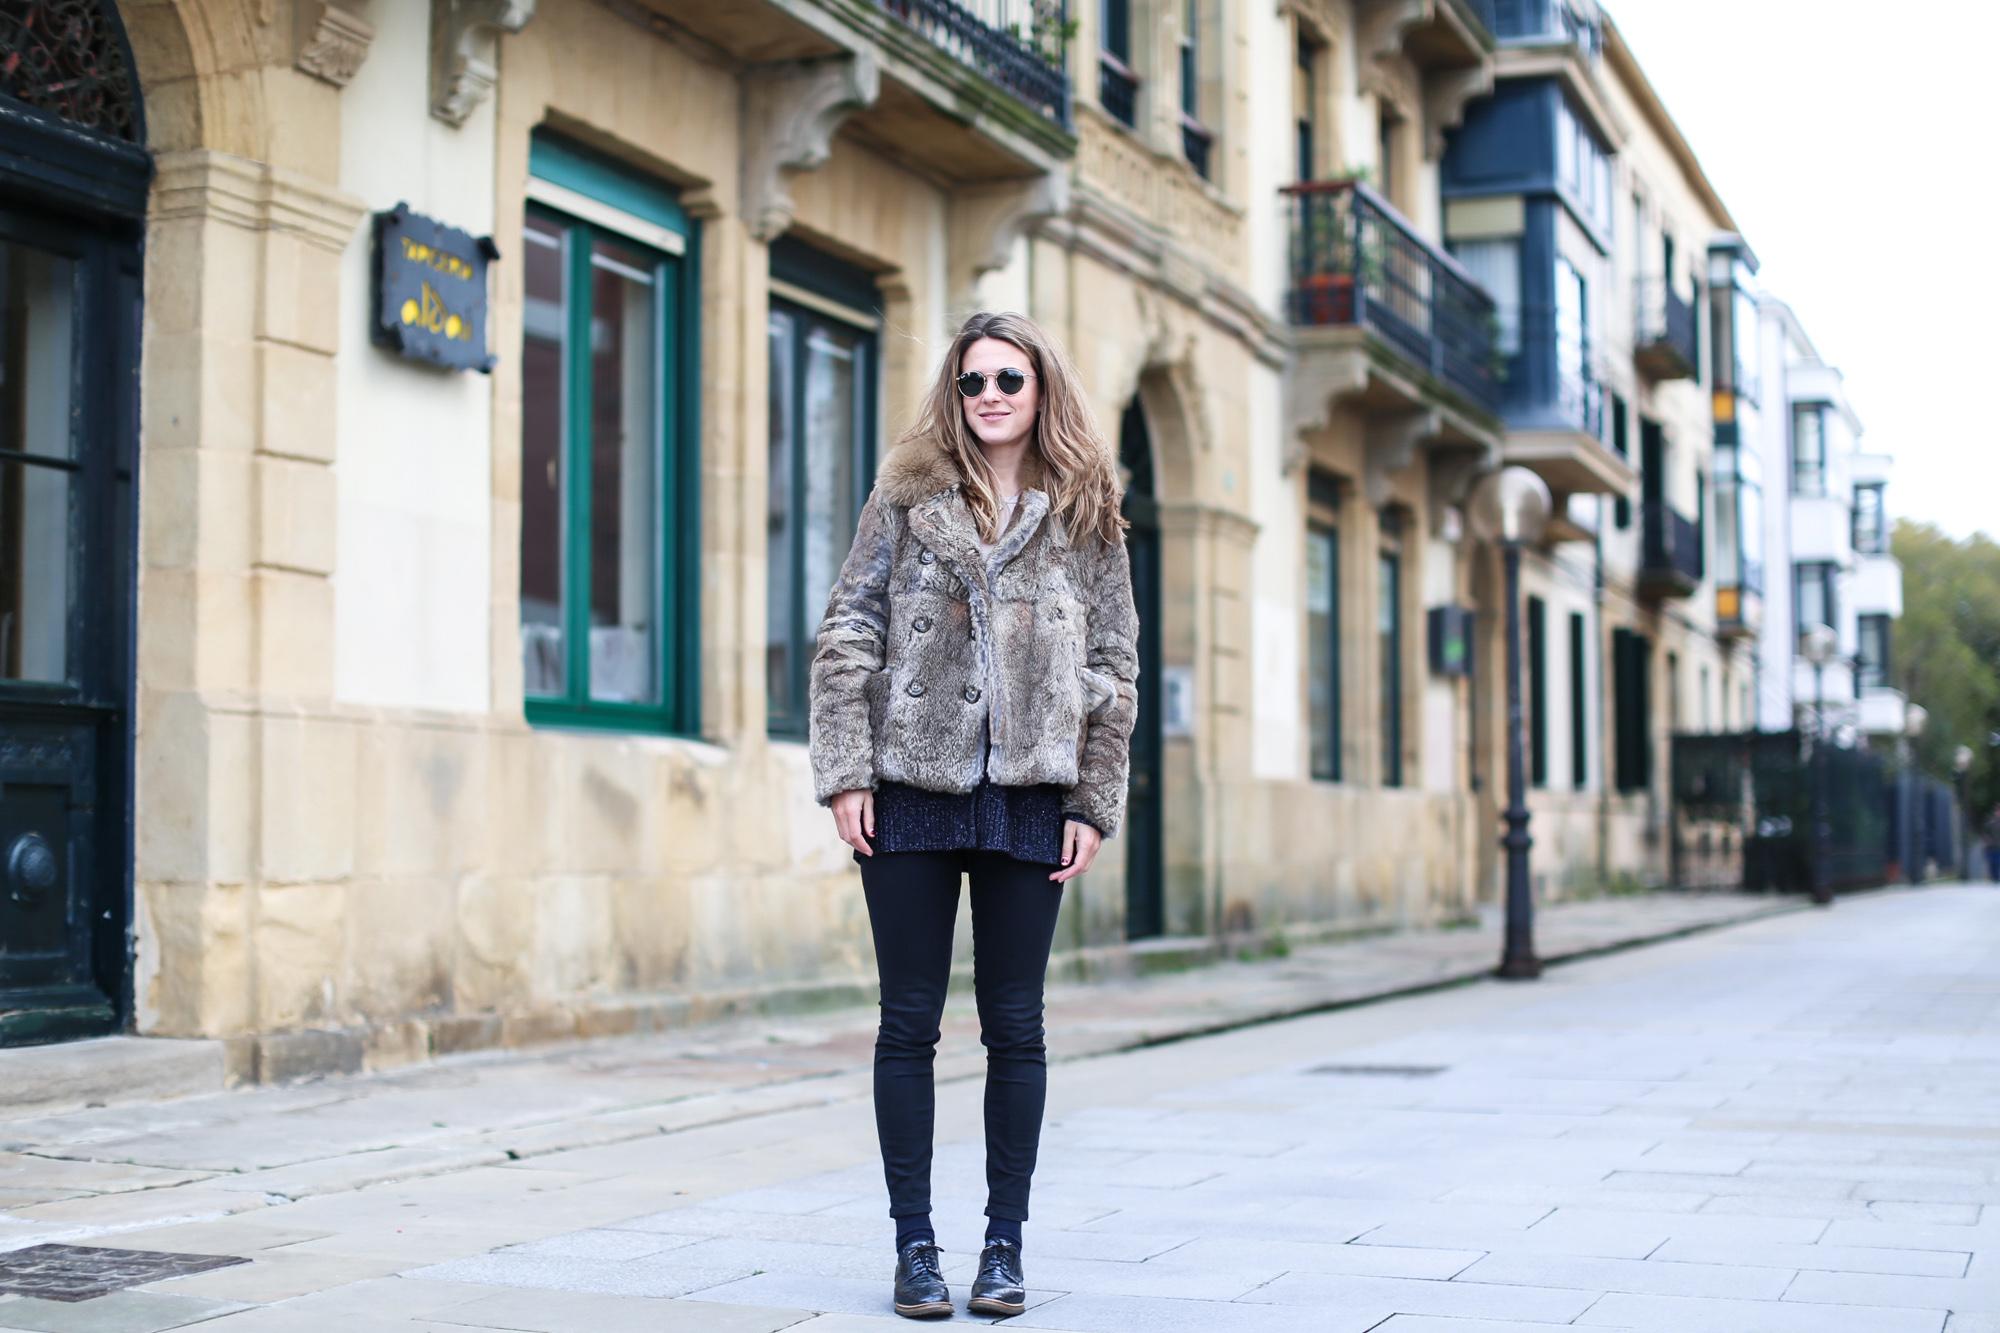 Clochet_streestyle_fashionblogger_topshopjamiejeans_zaranavyglitterknit_furcoat-2